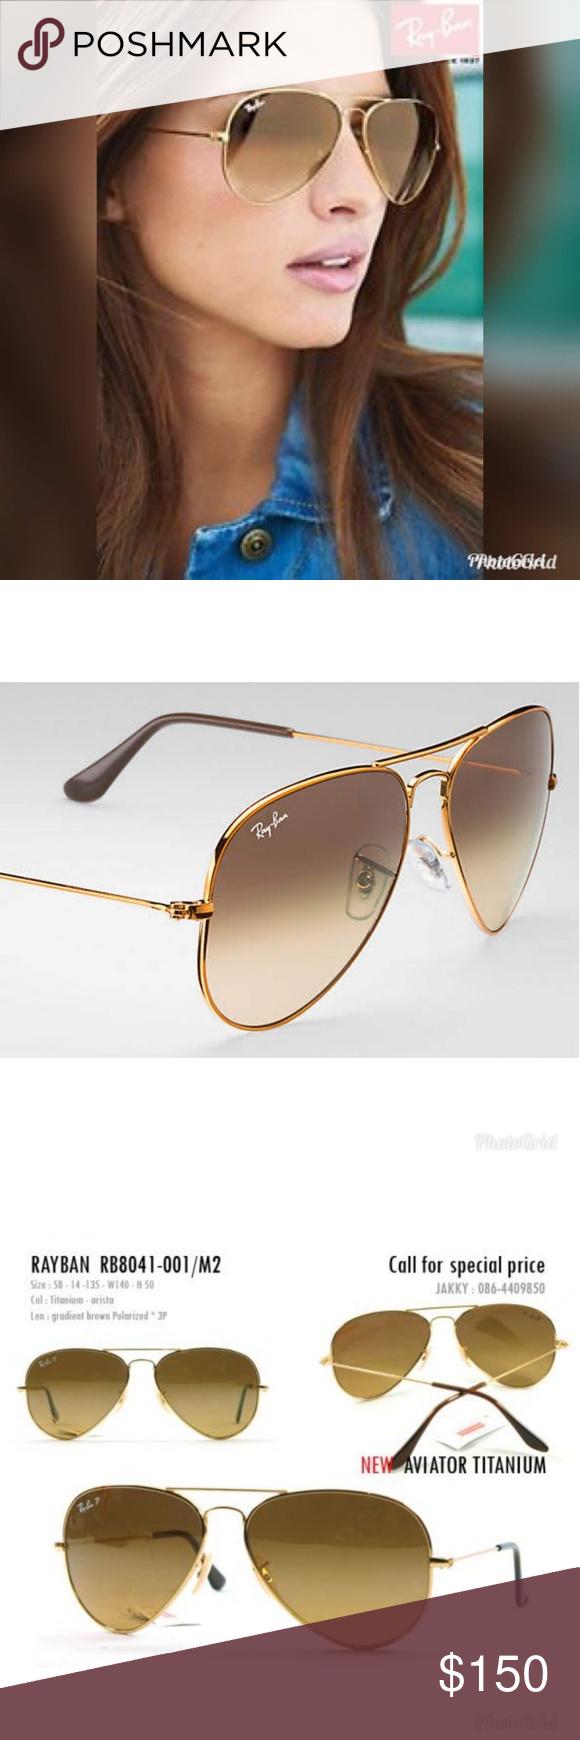 ray ban aviator shiny gold polarized